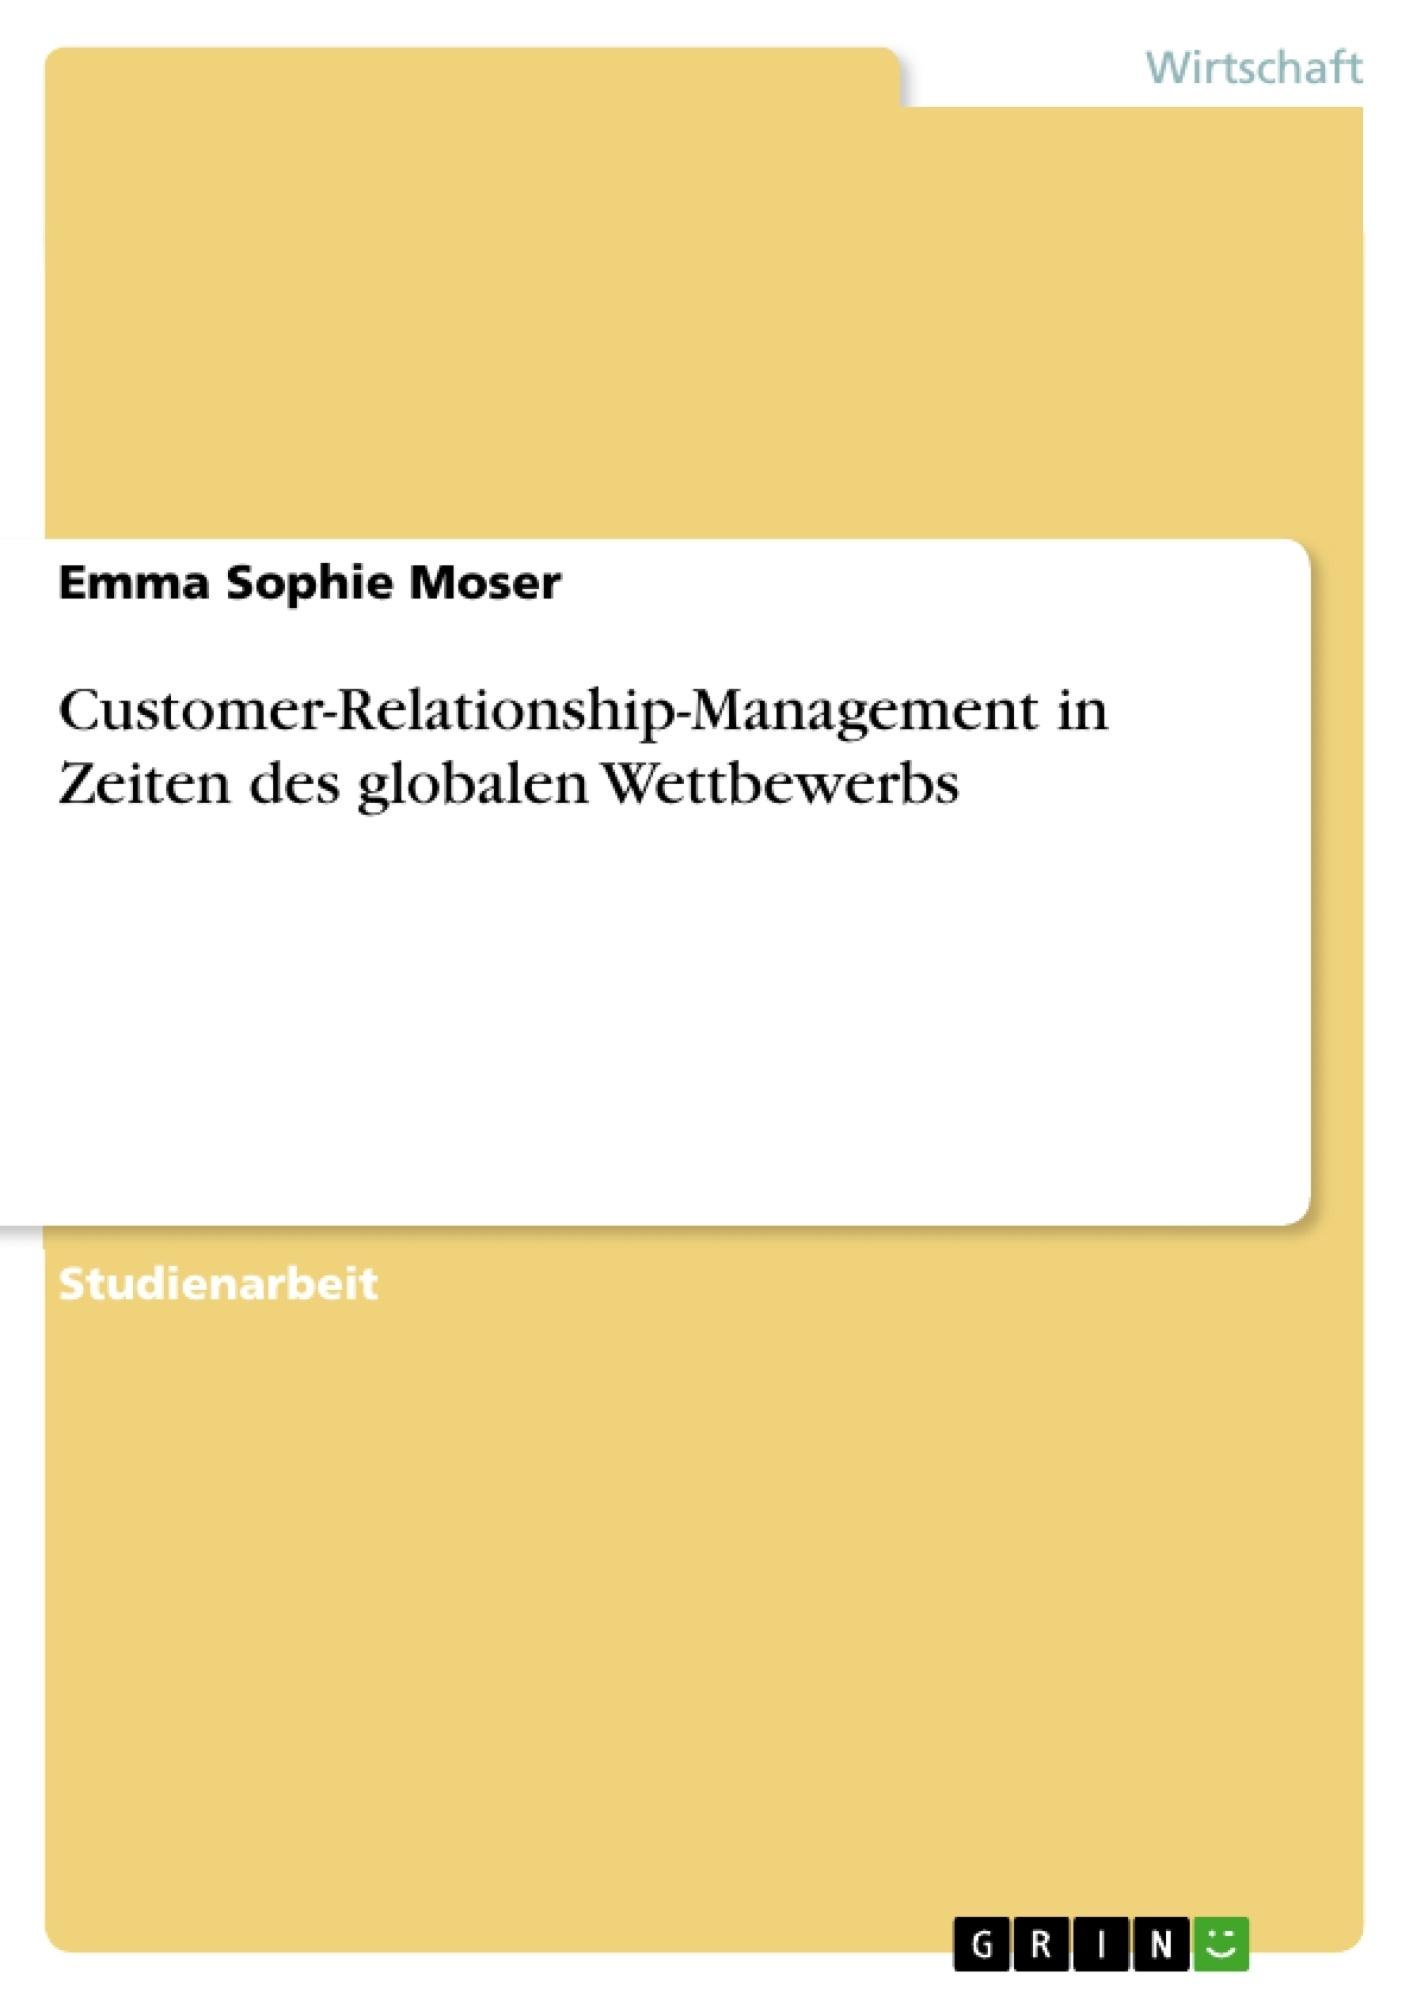 Titel: Customer-Relationship-Management in Zeiten des globalen Wettbewerbs